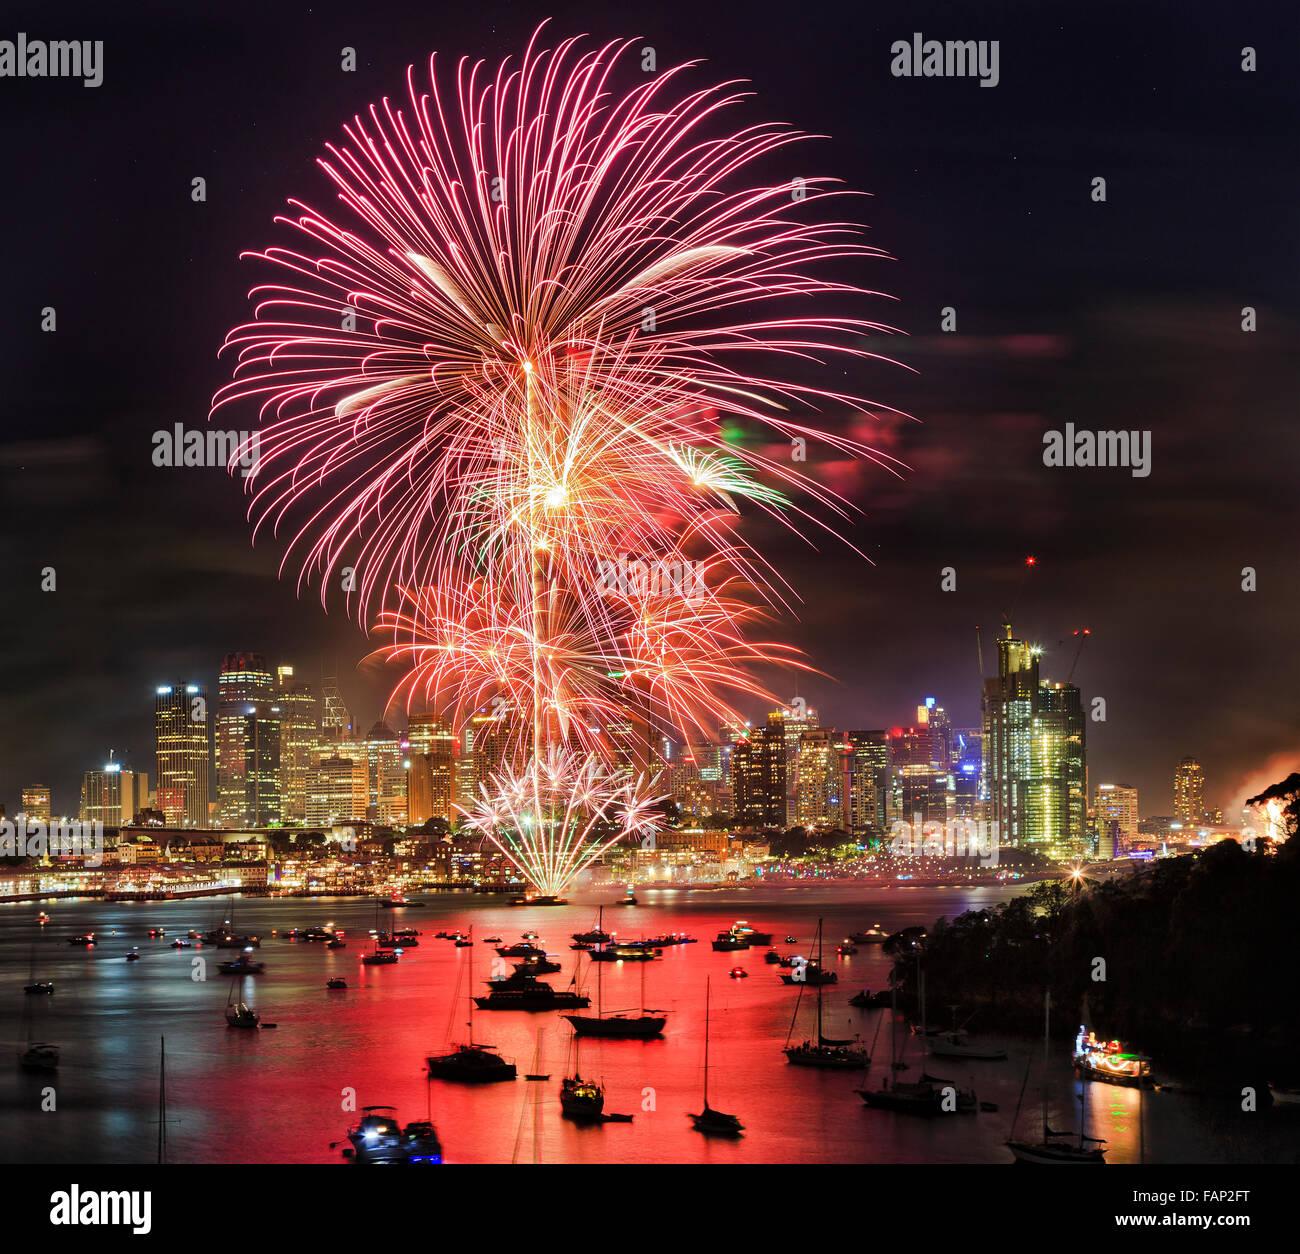 Nuovo anno fuochi d'artificio a Sydney da elevati lookout a Berrys bay oltre il porto di Sydney CBD con grattacieli Immagini Stock